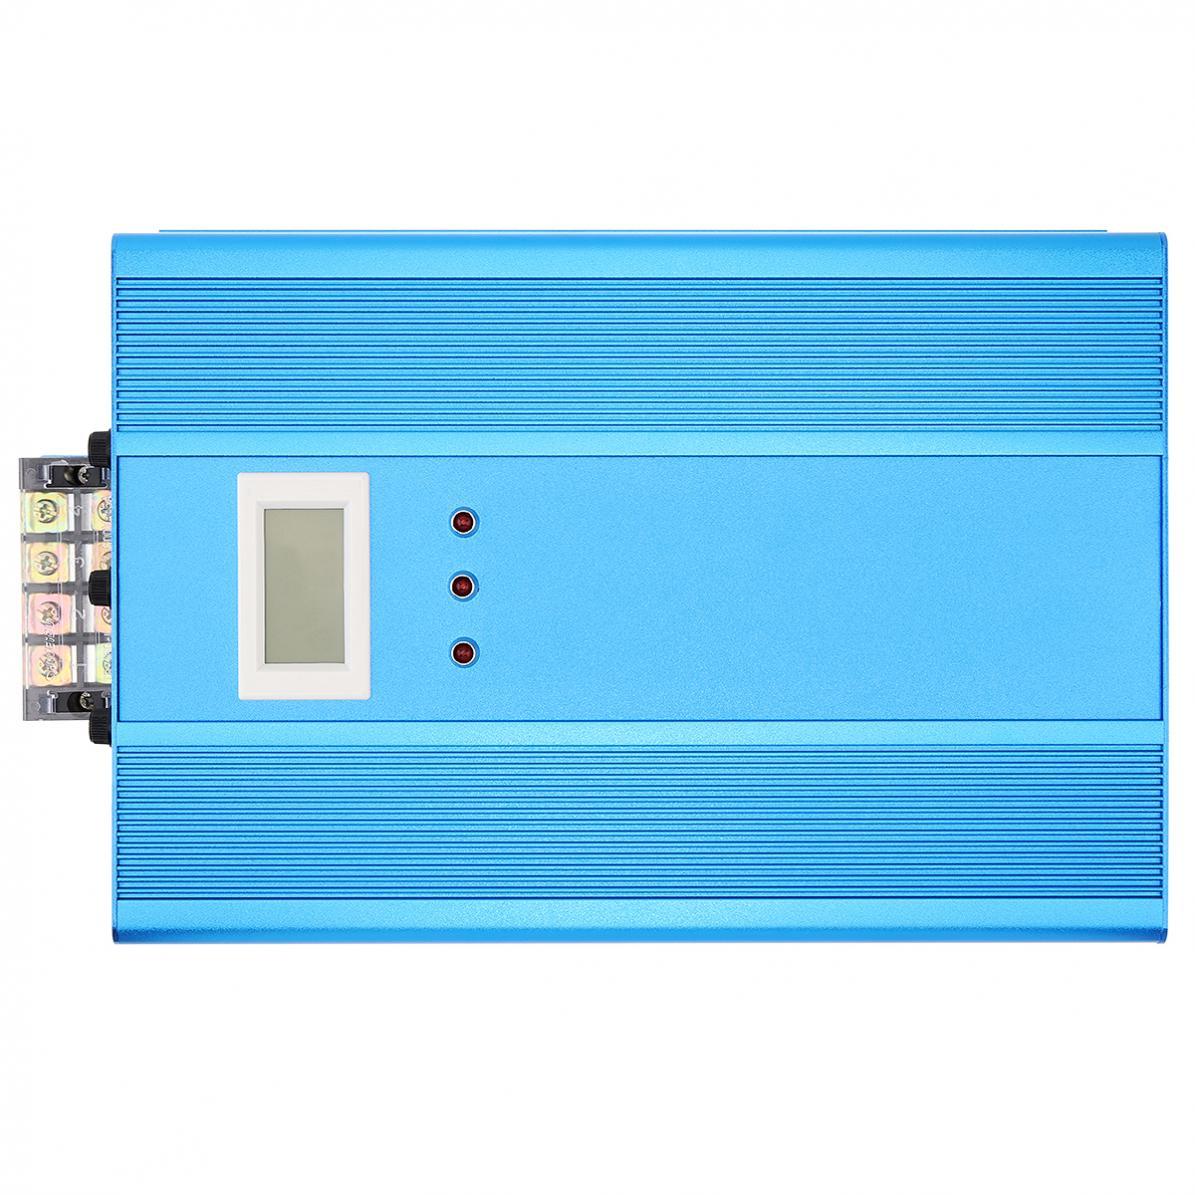 Dispositif d'économie d'électricité industriel Intelligent avec tueur de facture d'électricité de indicateur LED jusqu'à 30% pour l'usine de Restaurant - 5